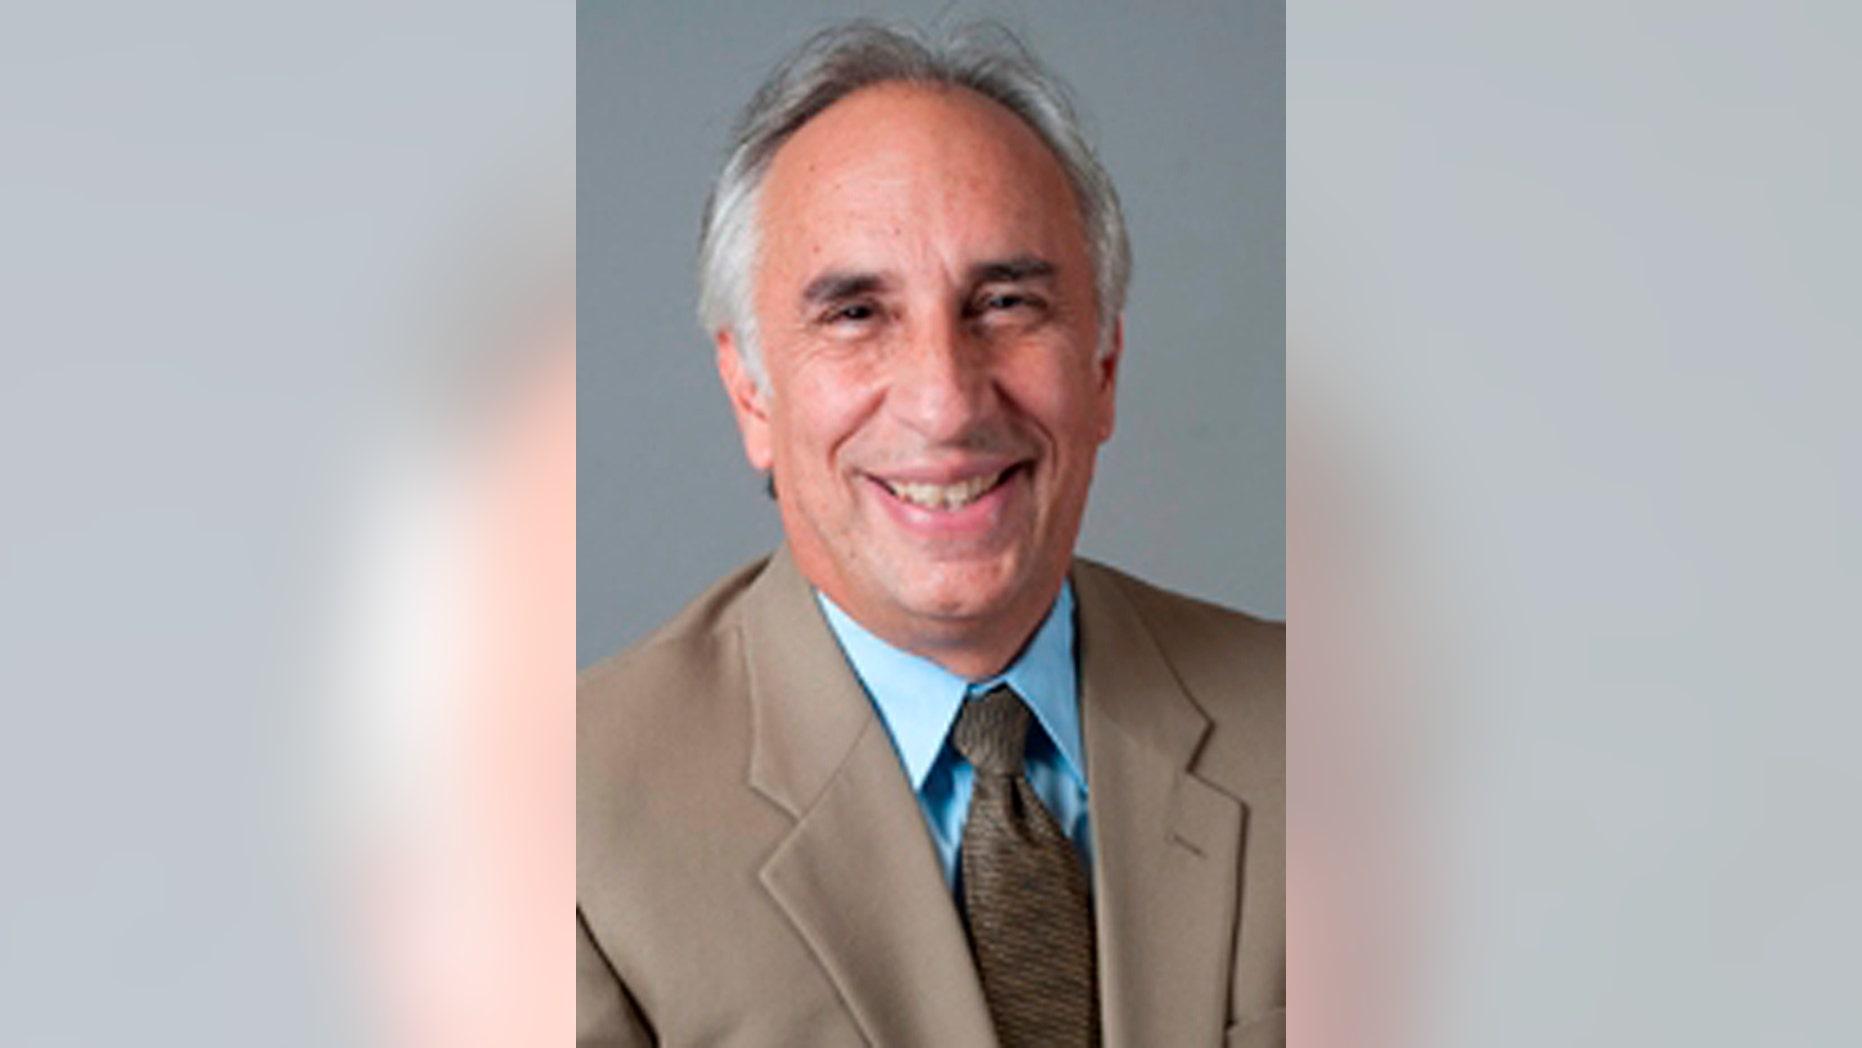 Presiding Judge David De Alba of the Superior Court of Sacramento County criticized ICE's arrest inside a Sacramento courtroom.